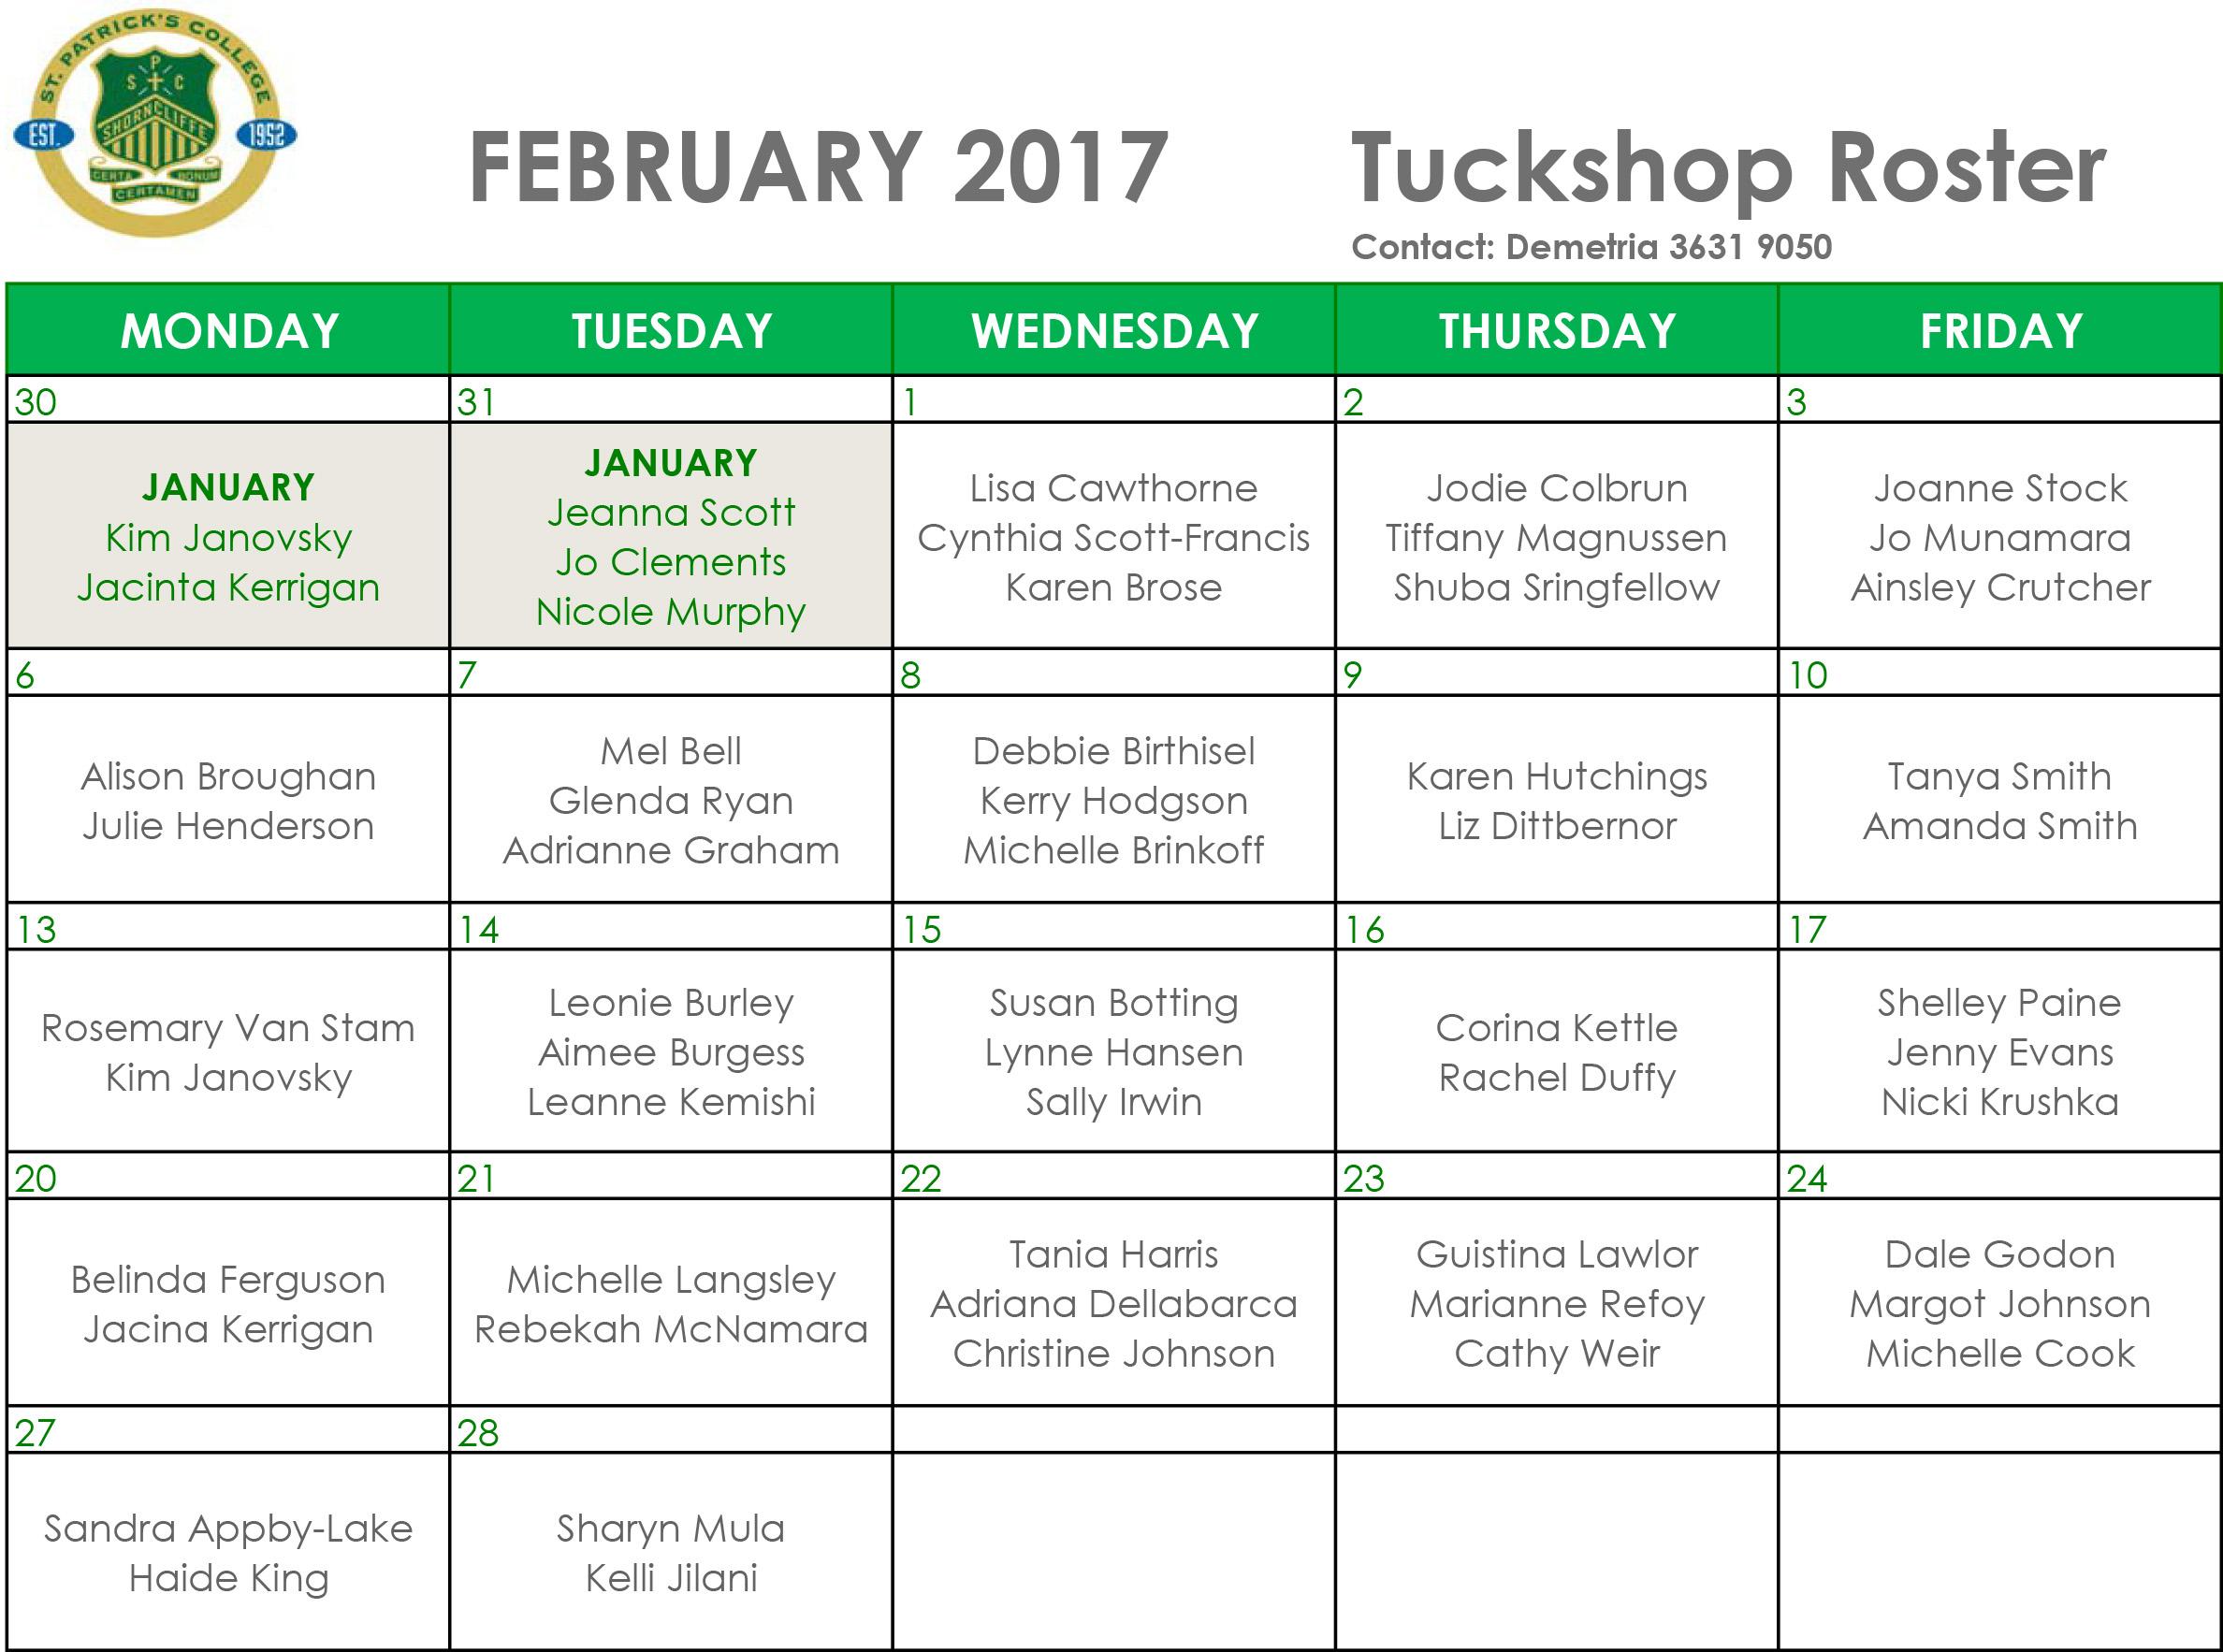 Tuckshop-Roster-2016.jpg?mtime=201701281